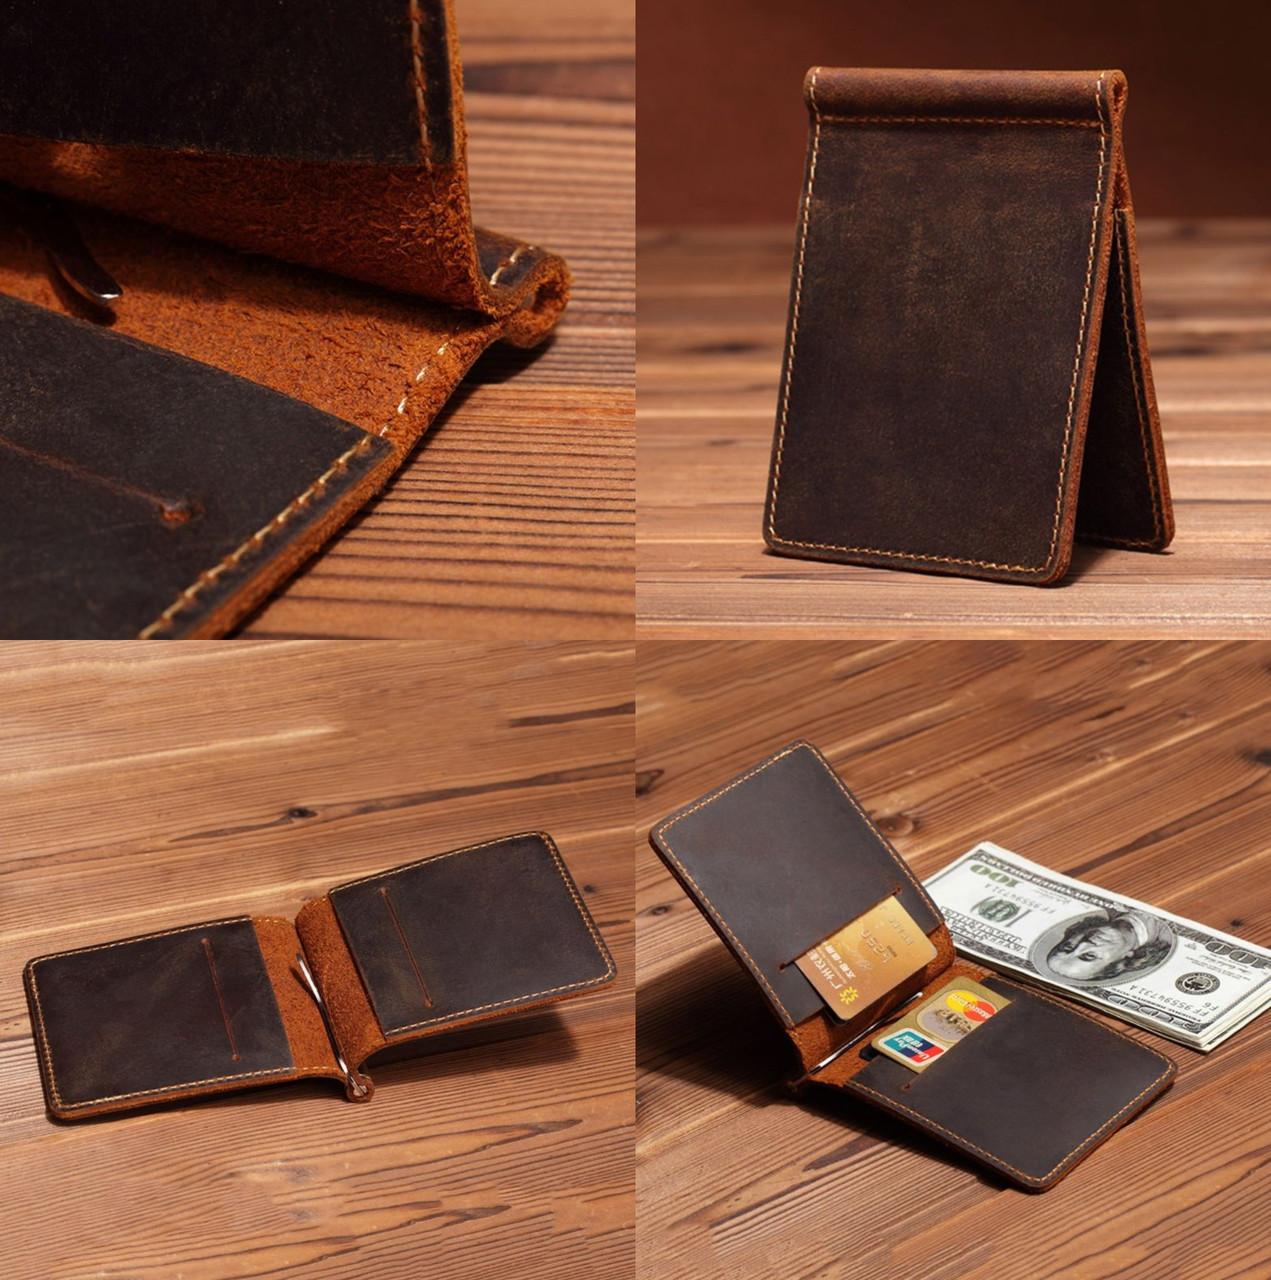 8bb621b4acb6 Мужской НАТУРАЛЬНЫЙ кожаный шкіряний кошелек портмоне зажим для денег